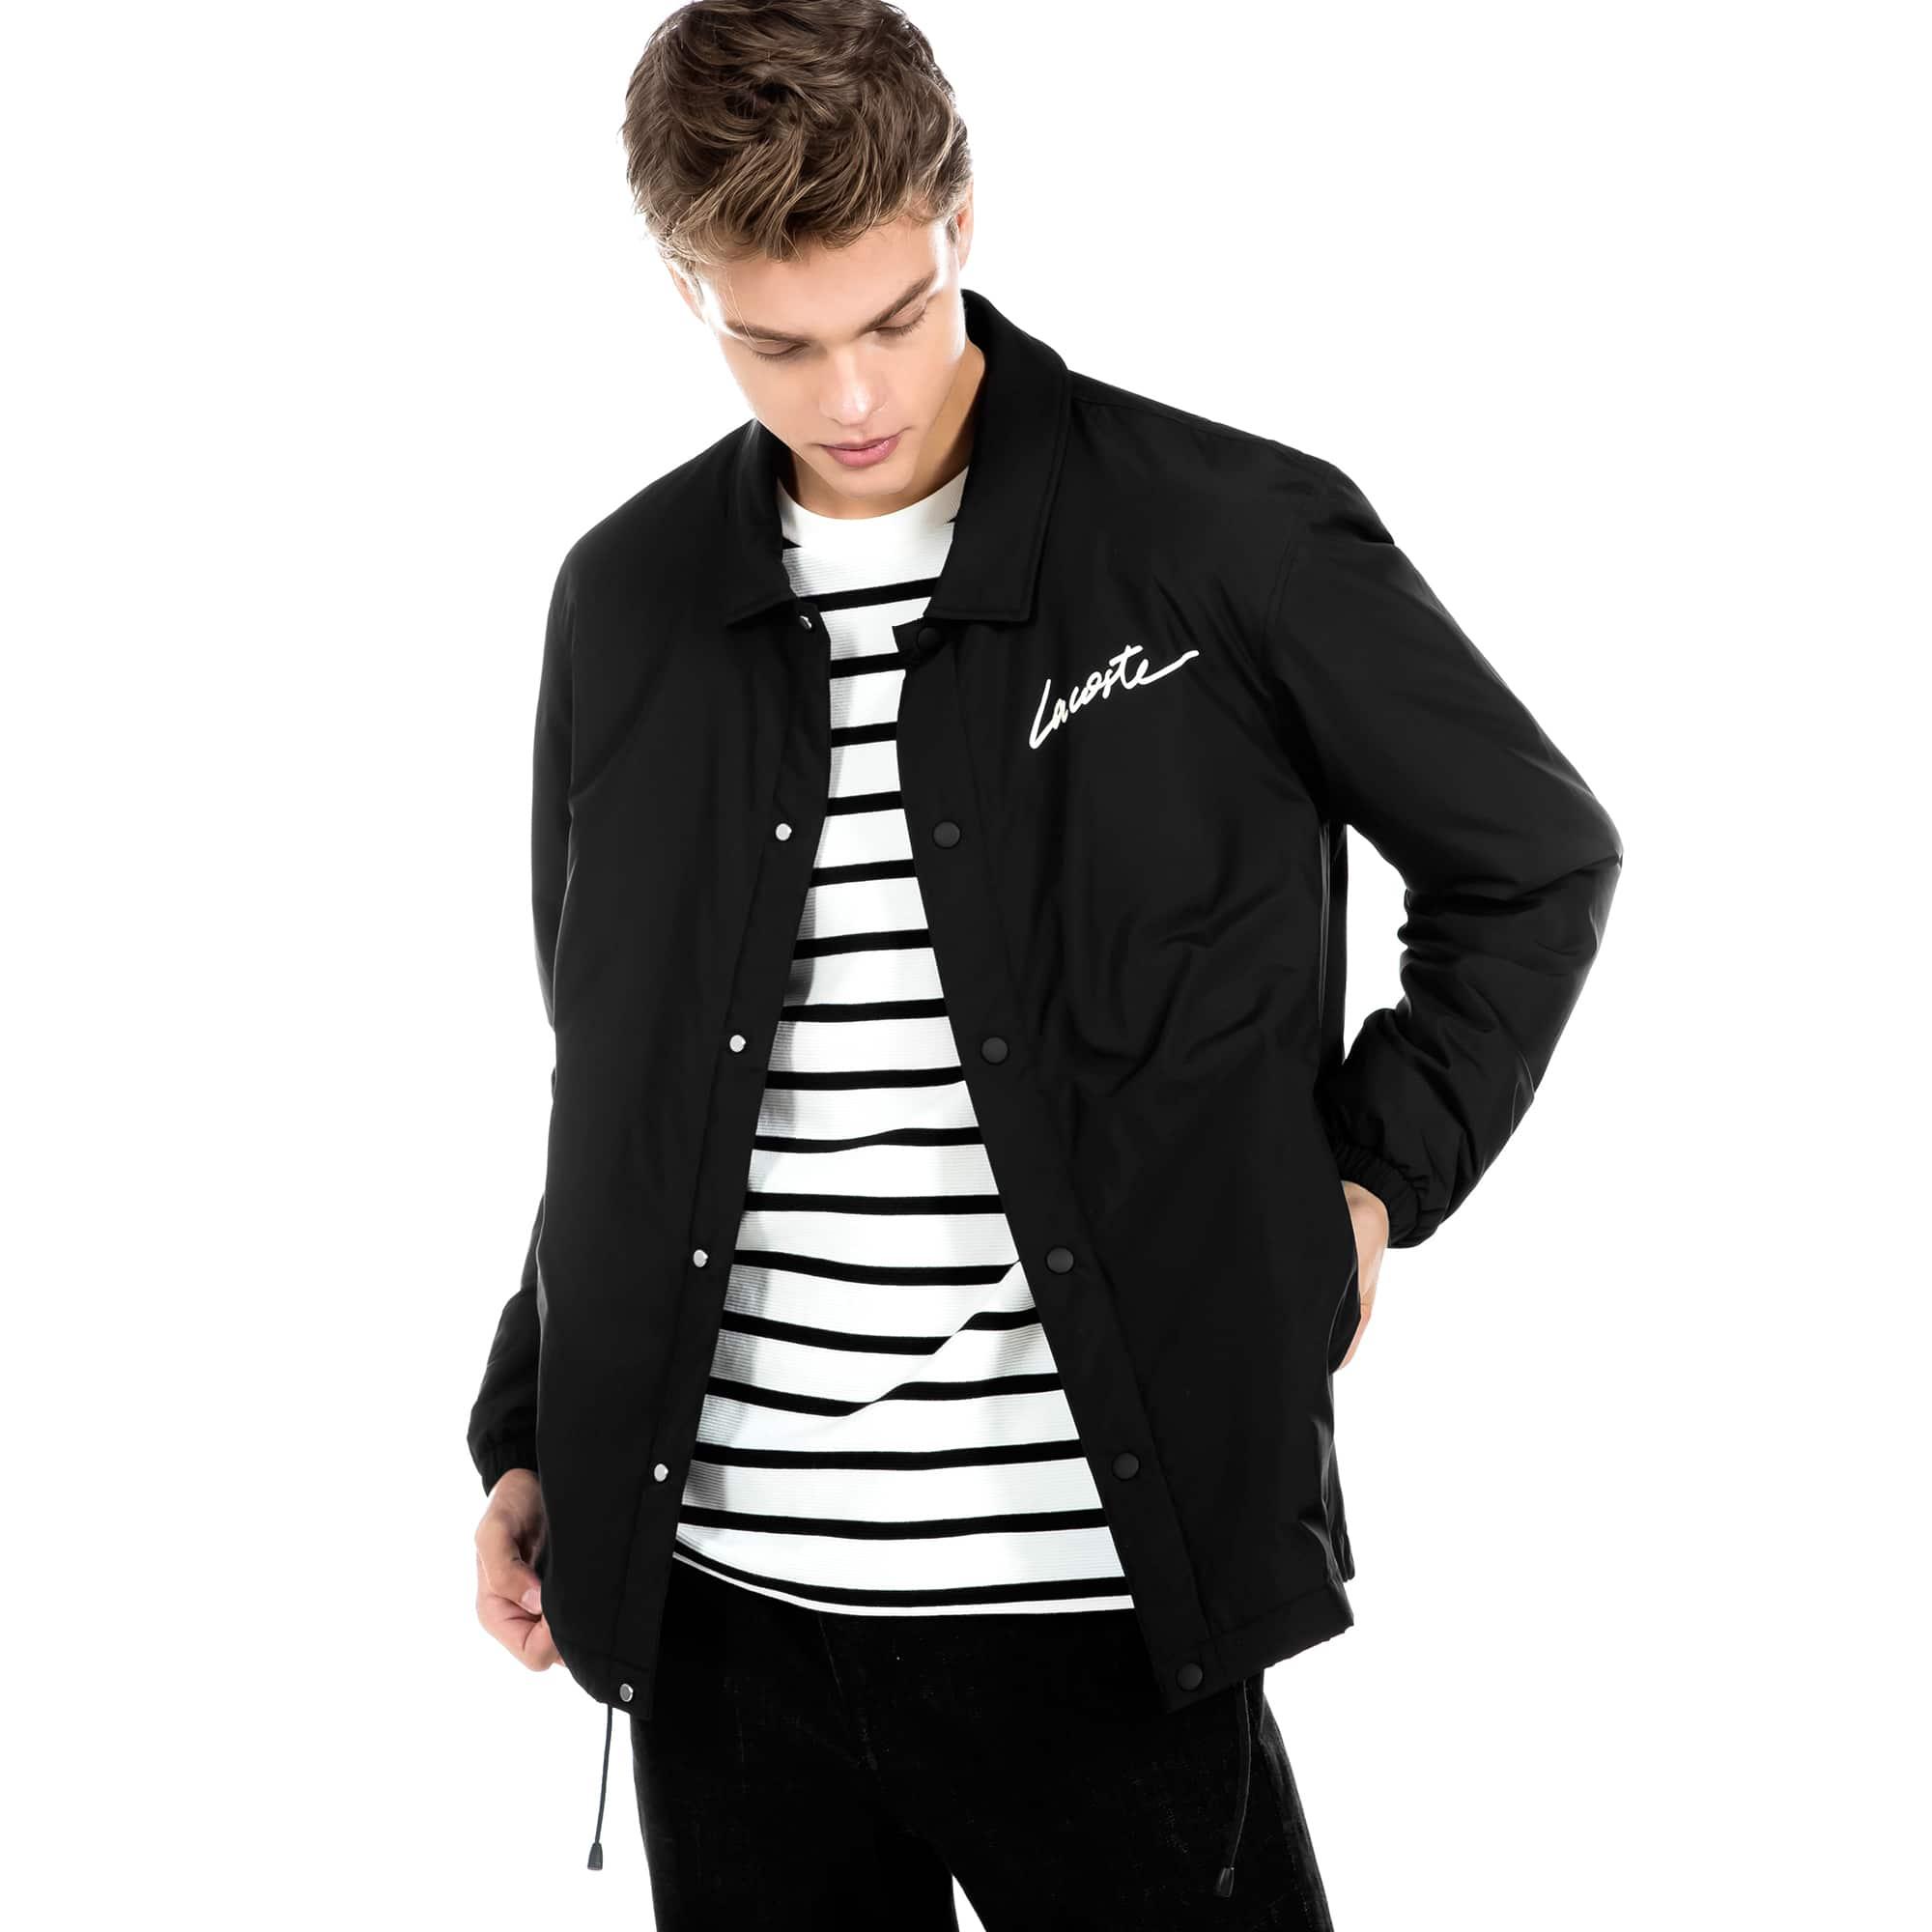 (남성) 라코스테 라이브 라코스테 시그니처 태피터 자켓